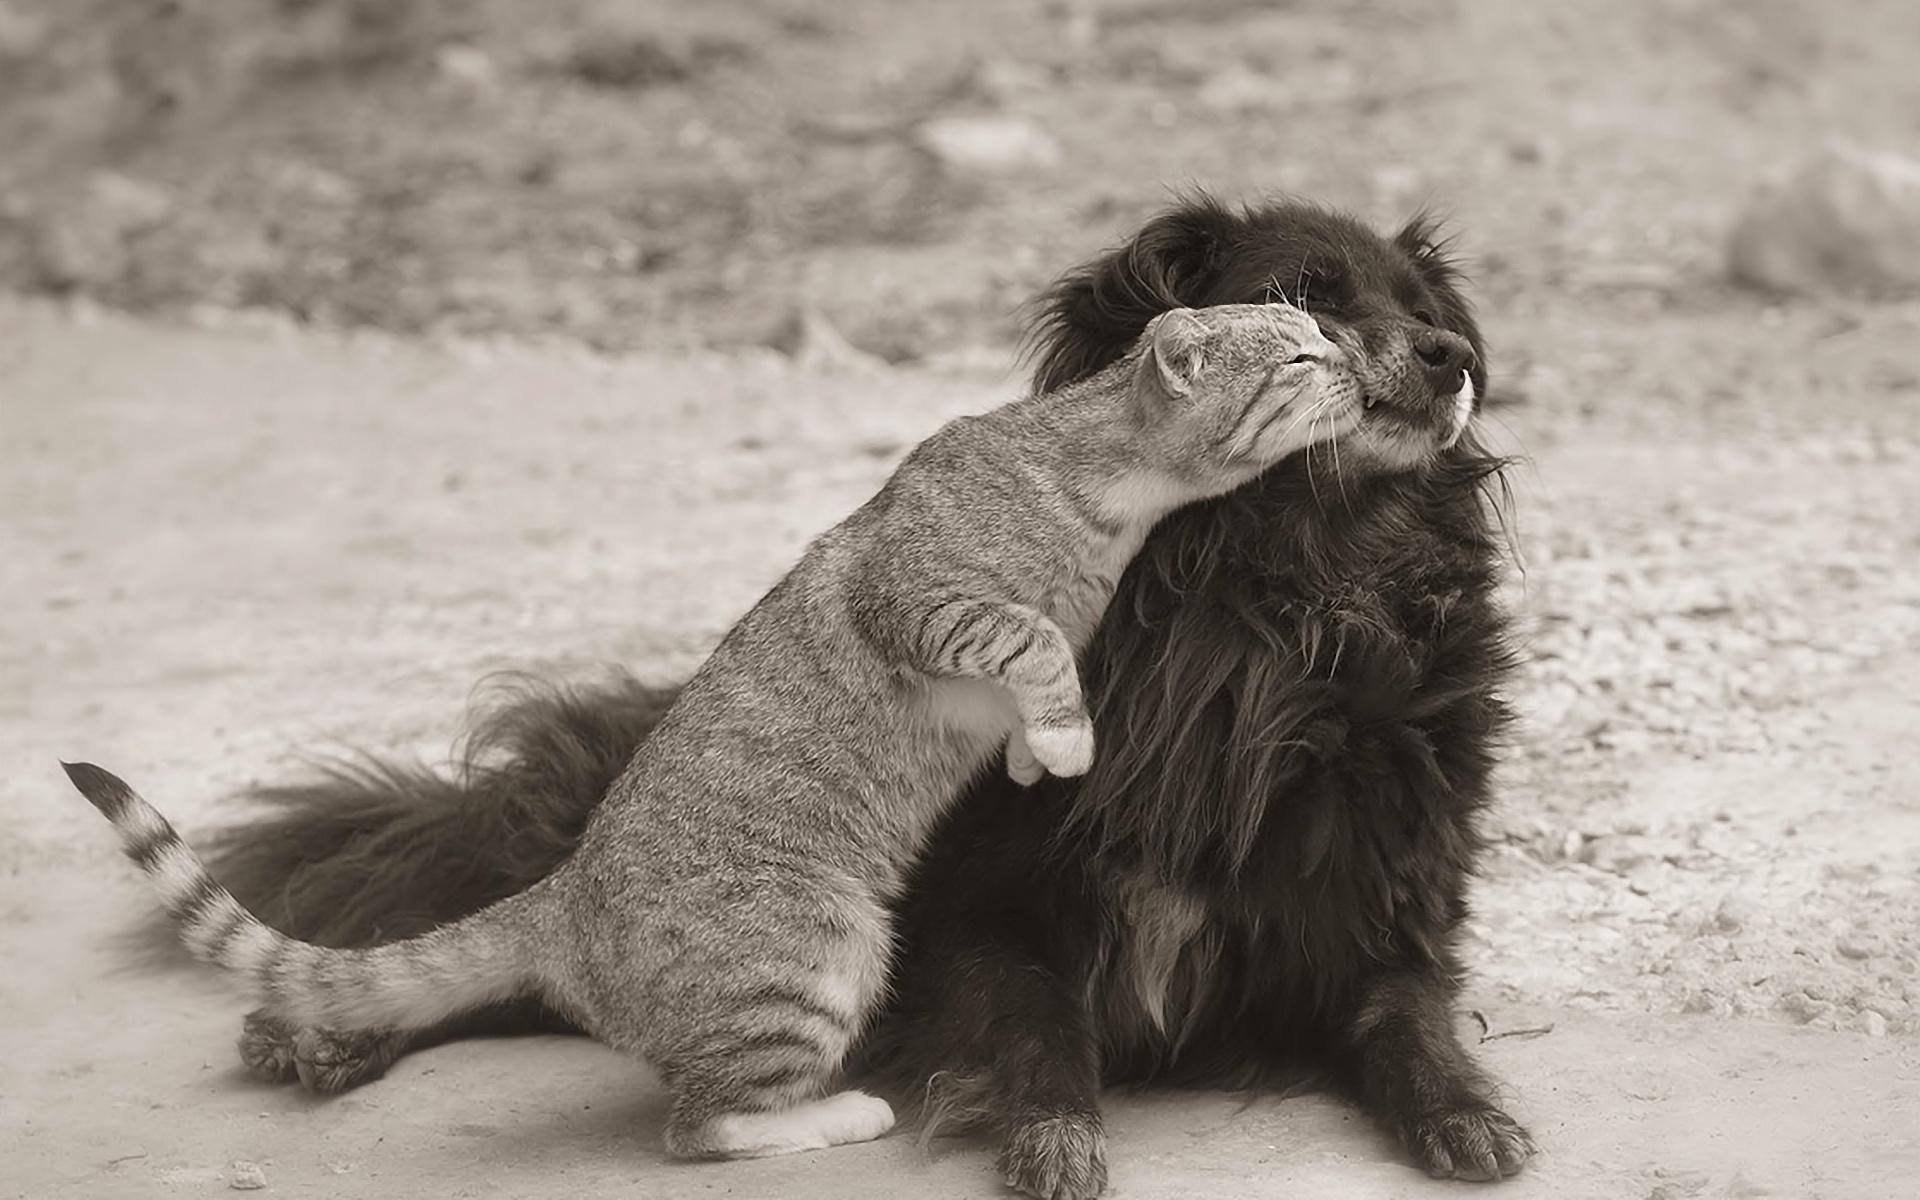 Картинки с животными для любимой с надписью, картинки